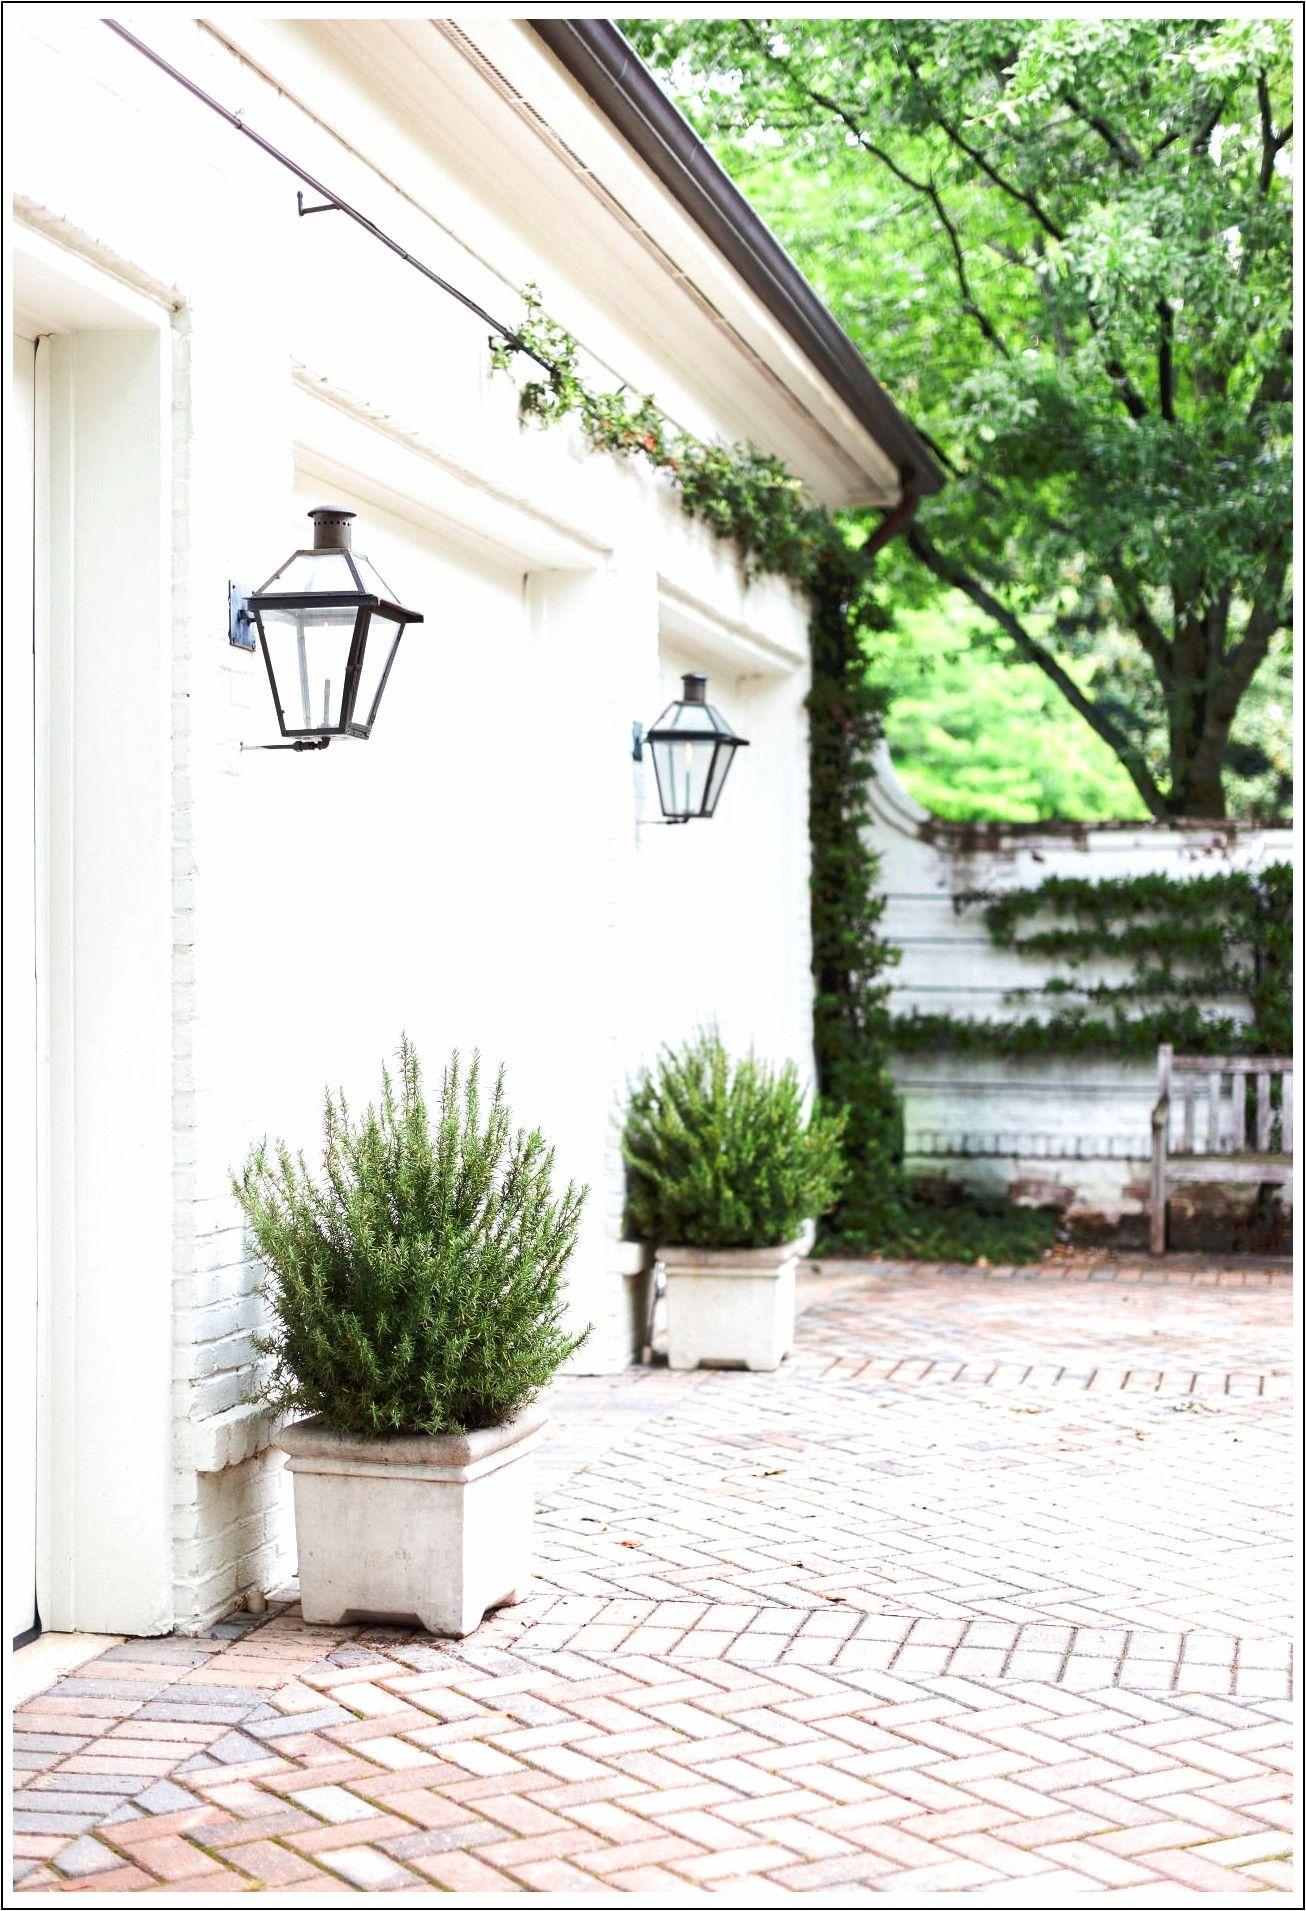 Mattoni Bianchi Per Esterni 20 pareti esterne in mattoni bianchi da invidiare | pareti